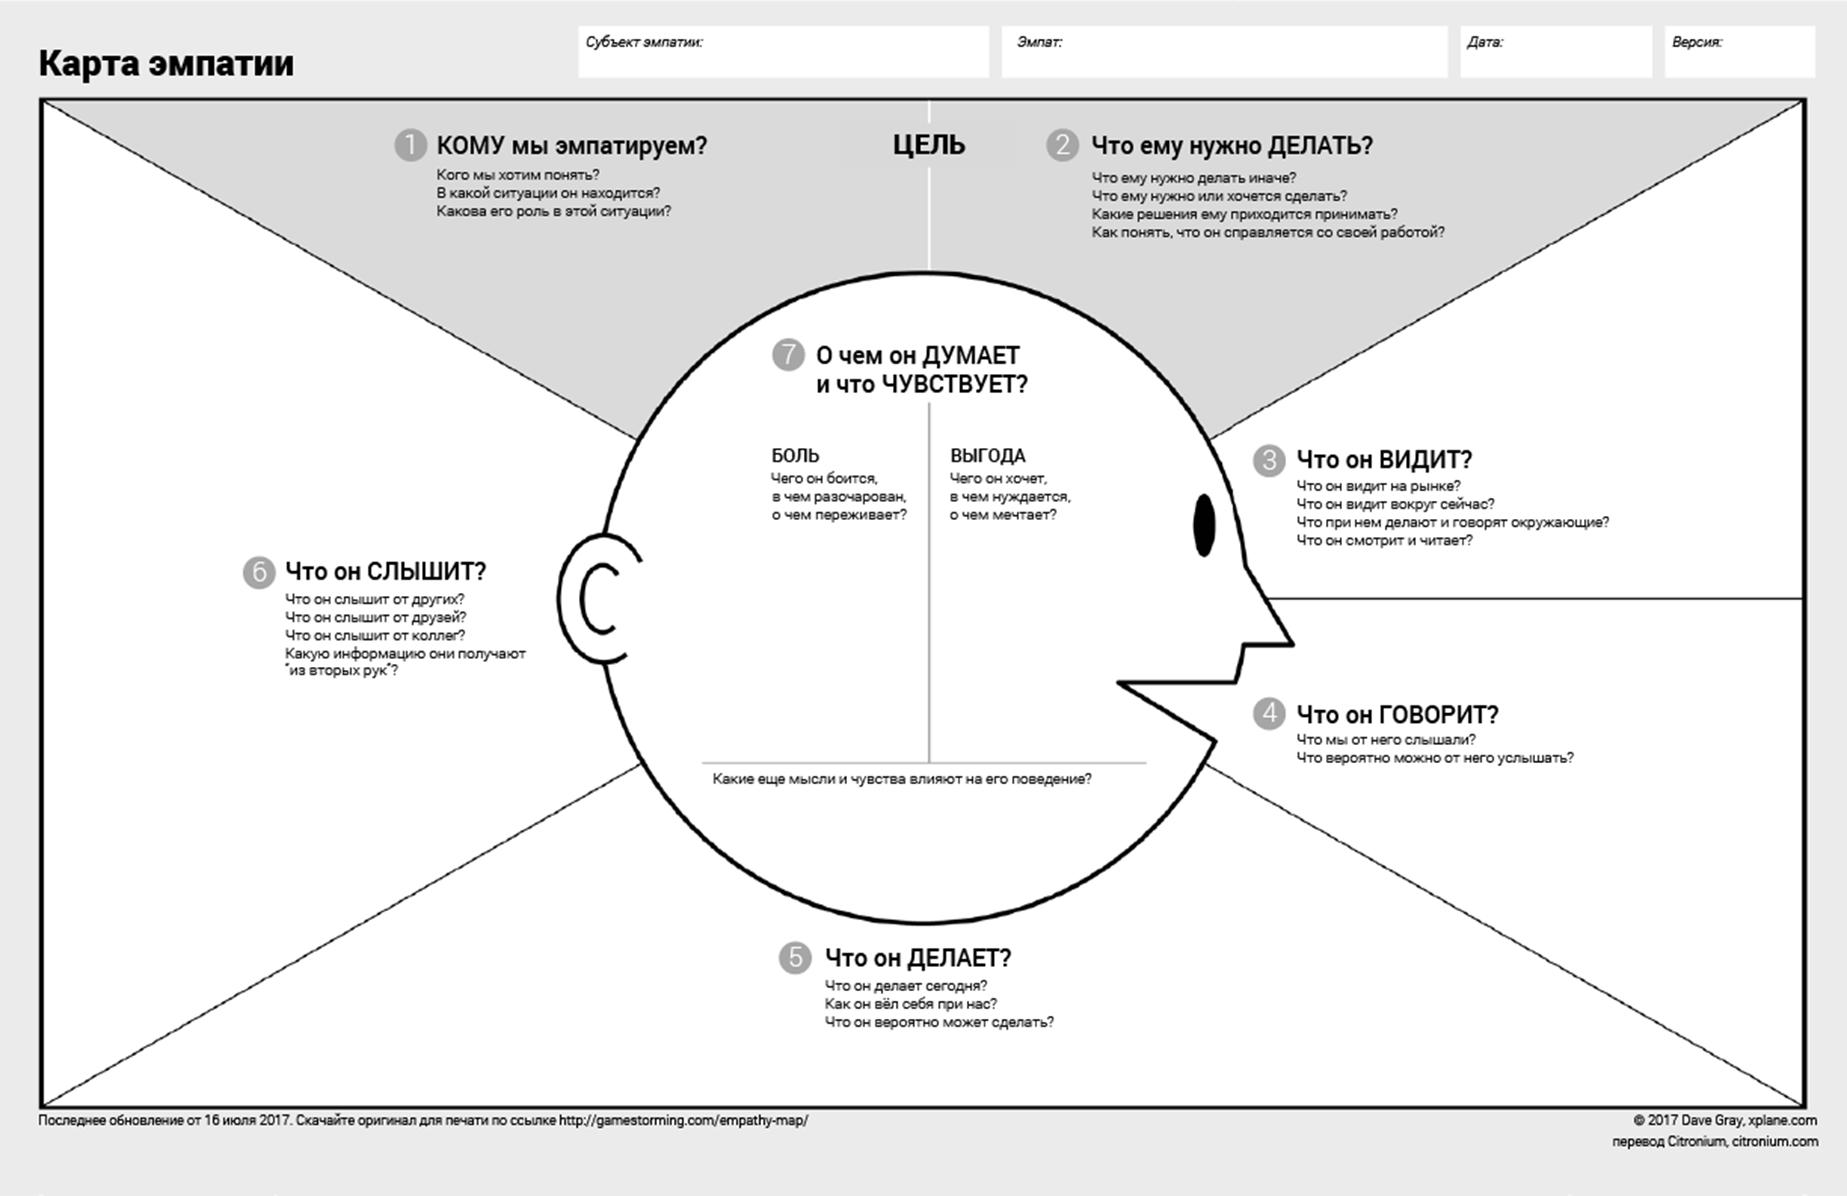 Об использовании персон (персонажей) пользователей при разработке продуктов - 3